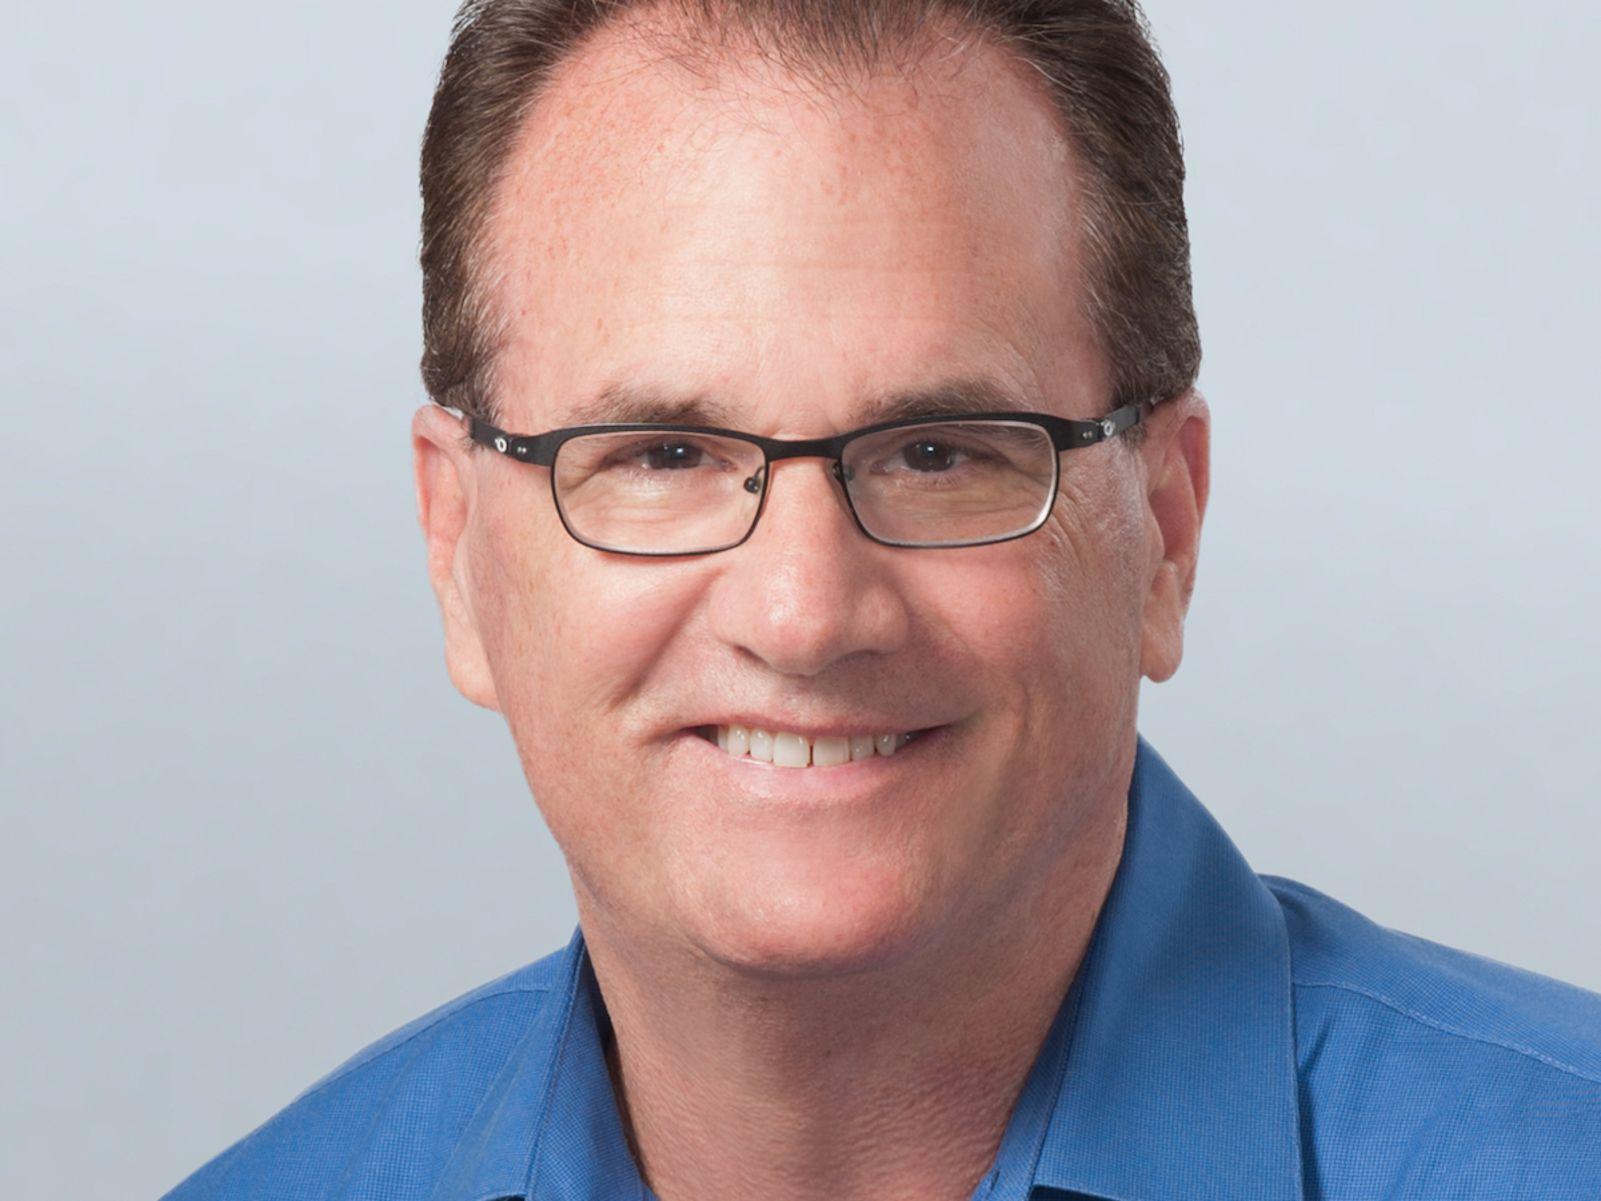 Joel freedman qrzfq6